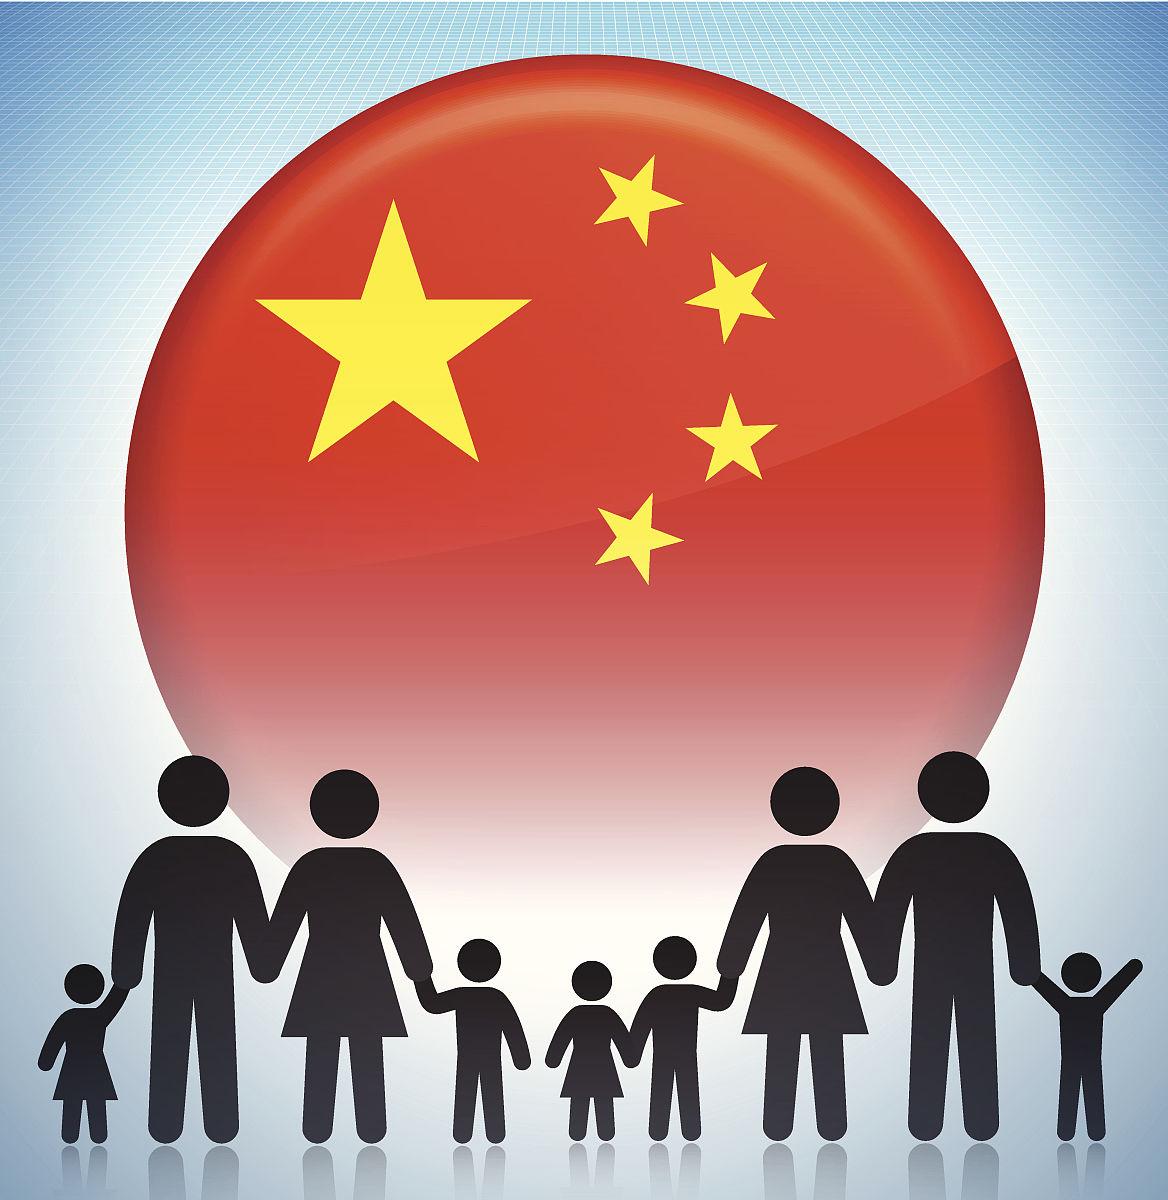 中国�9an:/n�g>K�_中国家庭观念